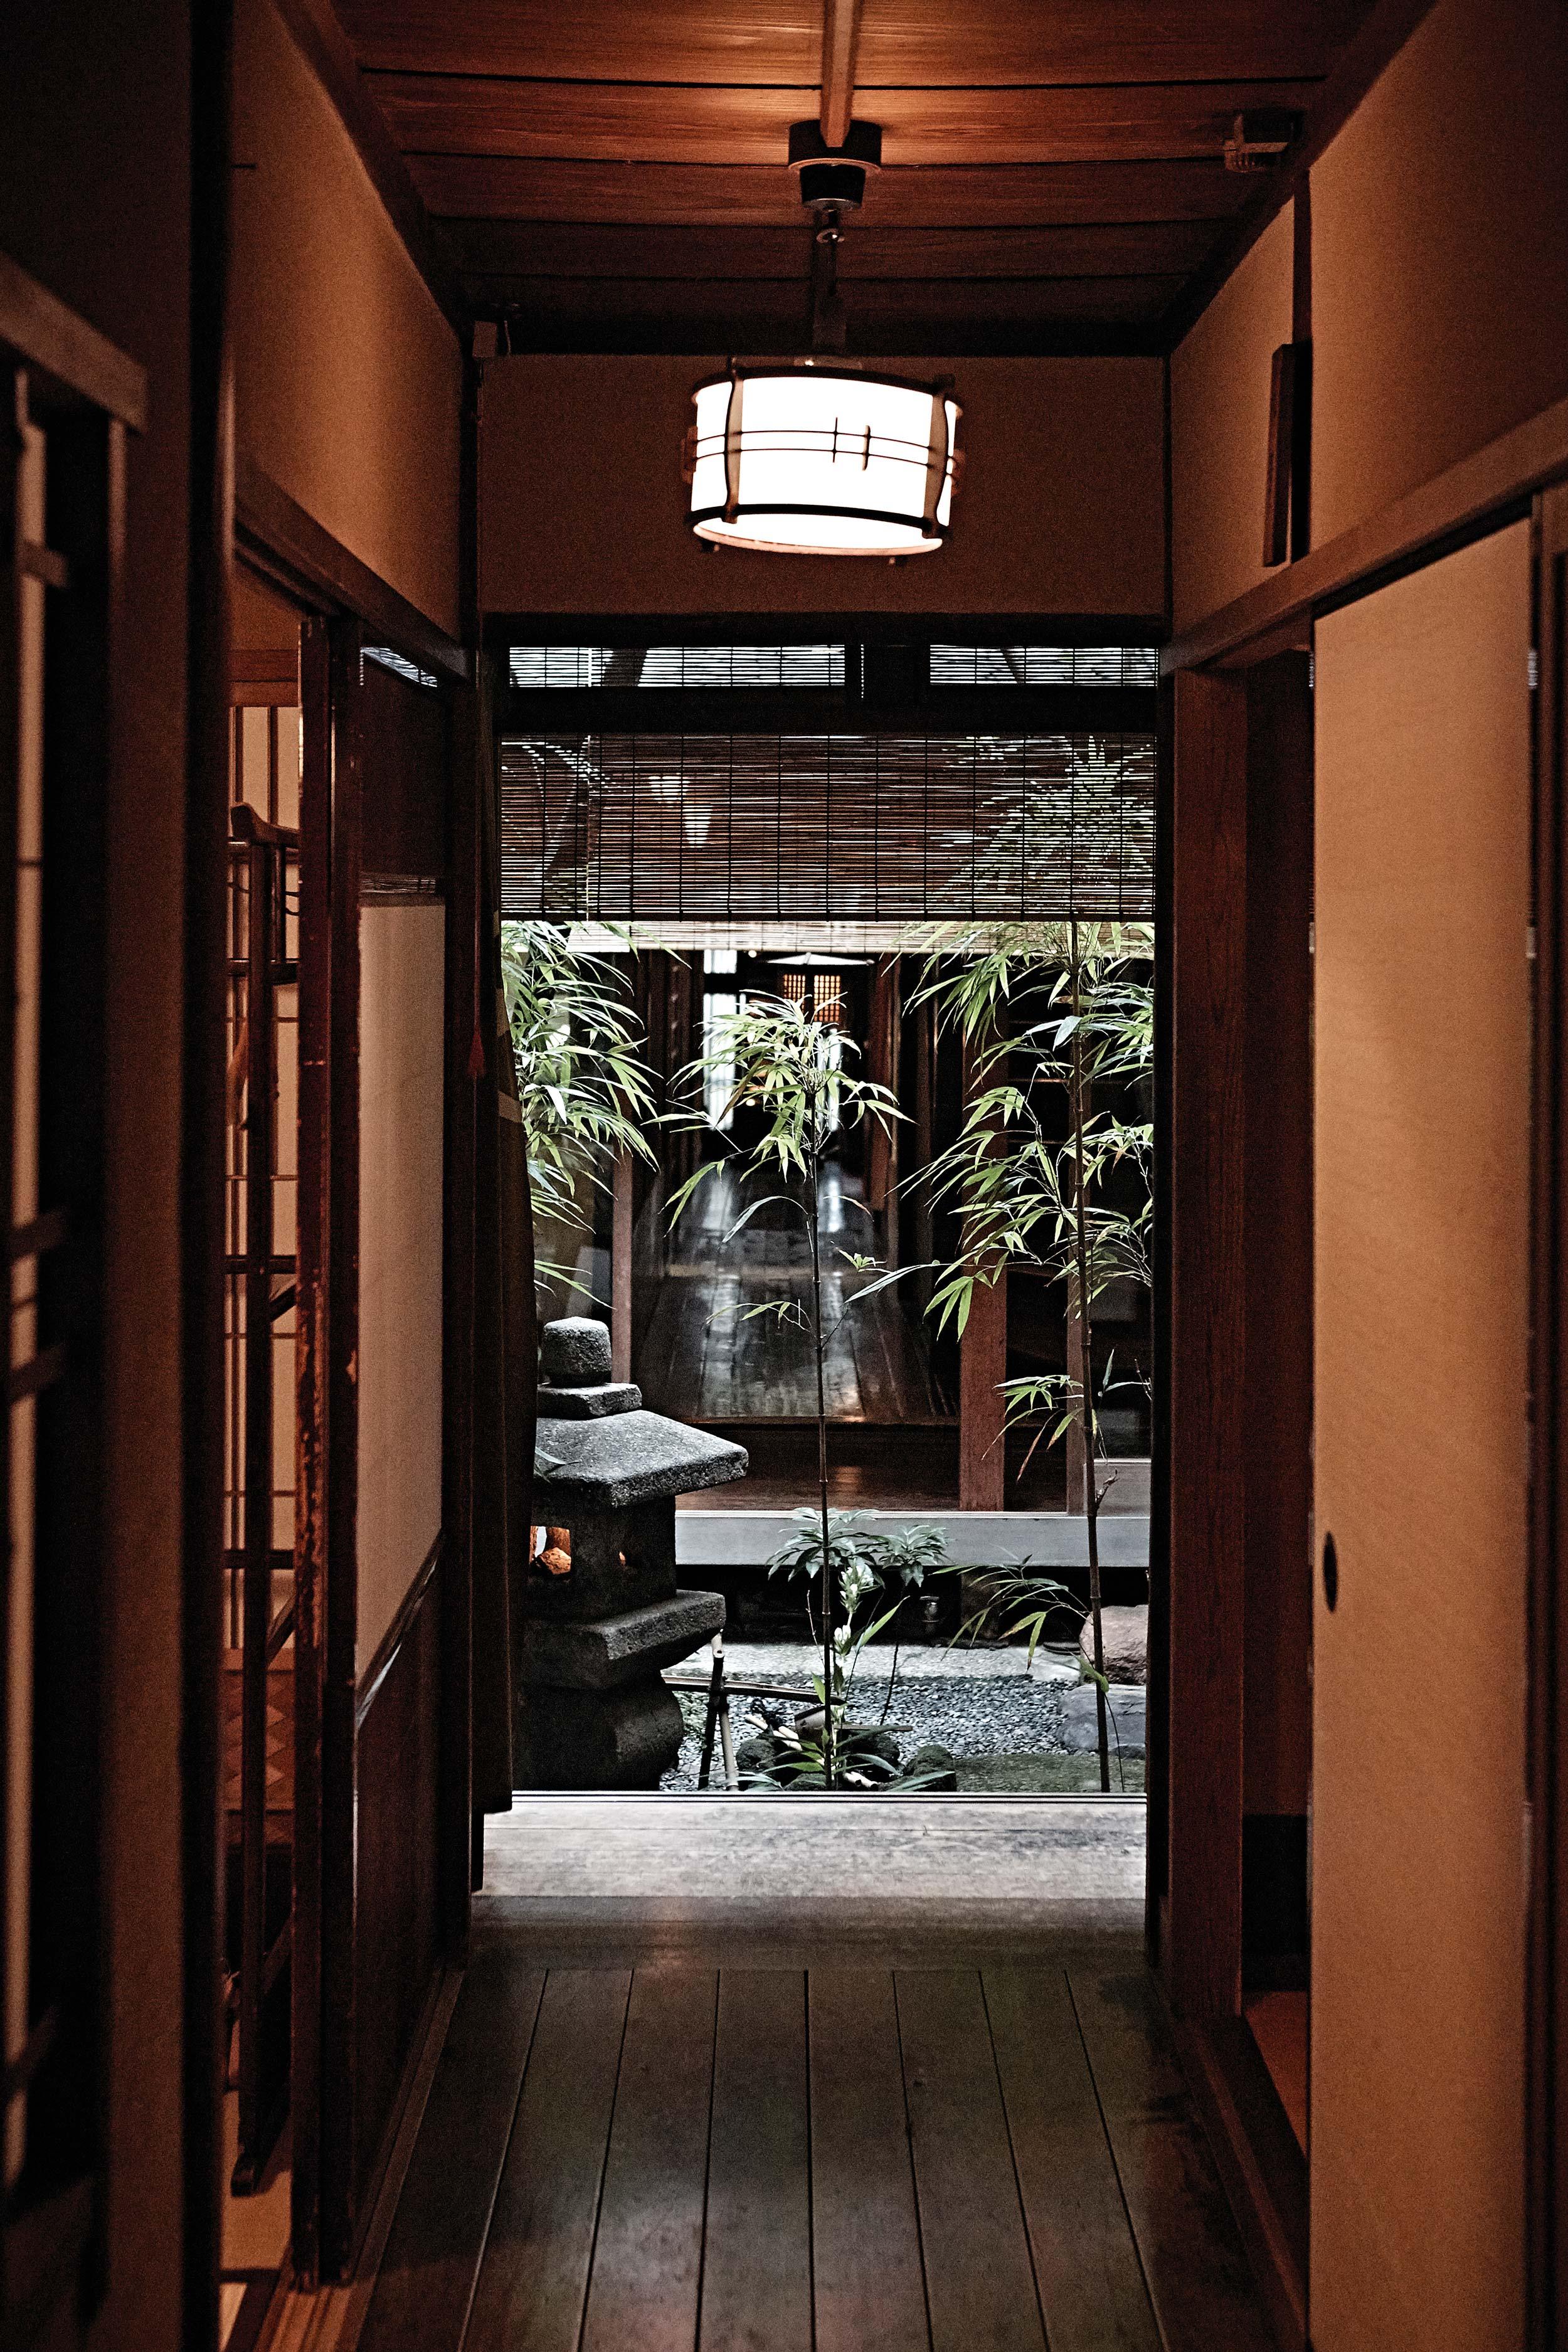 1801년에 오픈하여 8대째 운영 중인 긴마타. © 김재욱